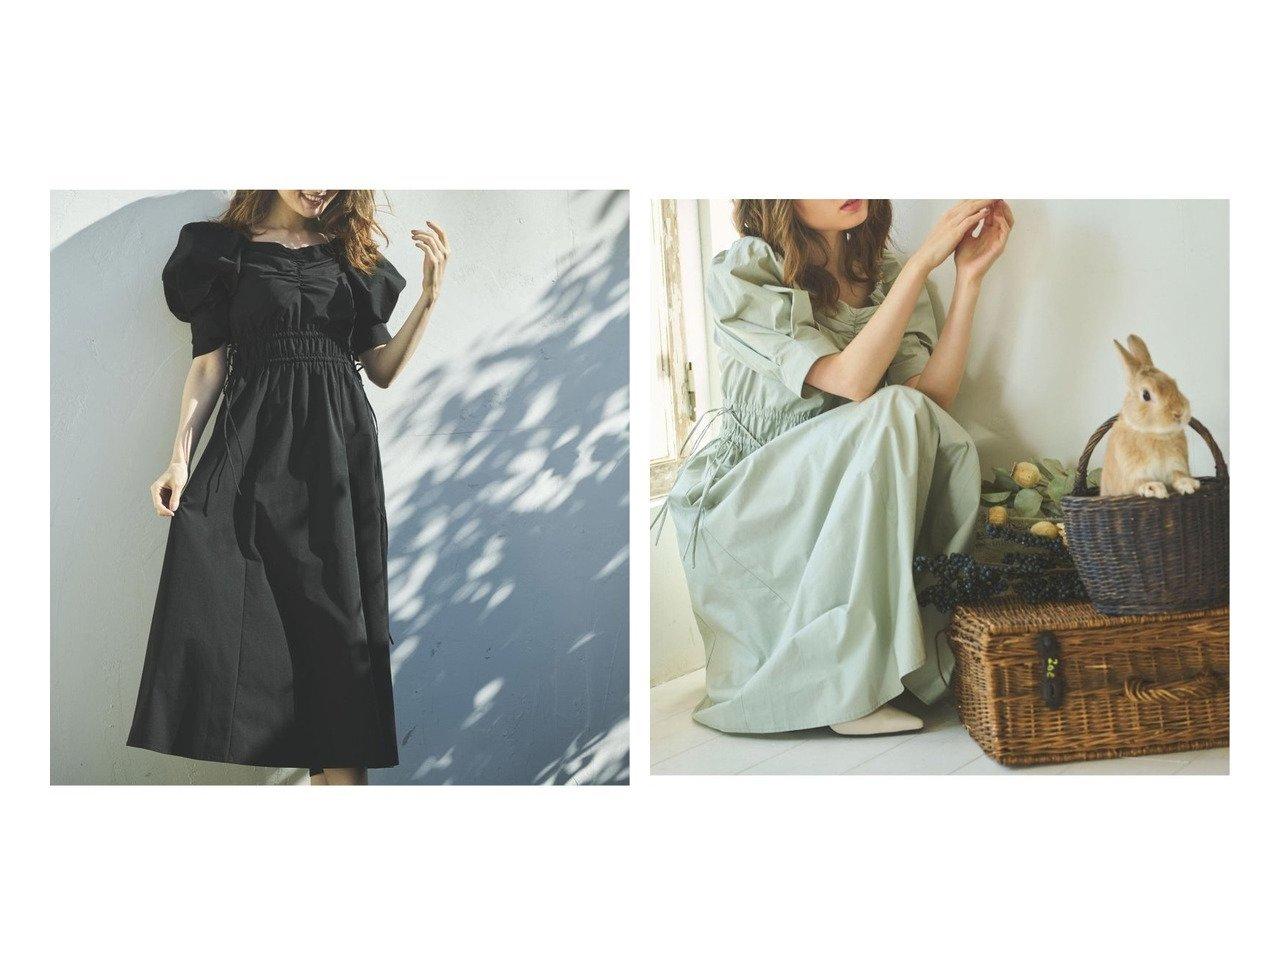 【Noela/ノエラ】の【Two Miles wear】ボリュームスリーブワンピ ワンピース・ドレスのおすすめ!人気、トレンド・レディースファッションの通販 おすすめで人気の流行・トレンド、ファッションの通販商品 メンズファッション・キッズファッション・インテリア・家具・レディースファッション・服の通販 founy(ファニー) https://founy.com/ ファッション Fashion レディースファッション WOMEN ワンピース Dress NEW・新作・新着・新入荷 New Arrivals コンシャス フィット フレア リラックス 半袖 |ID:crp329100000024859